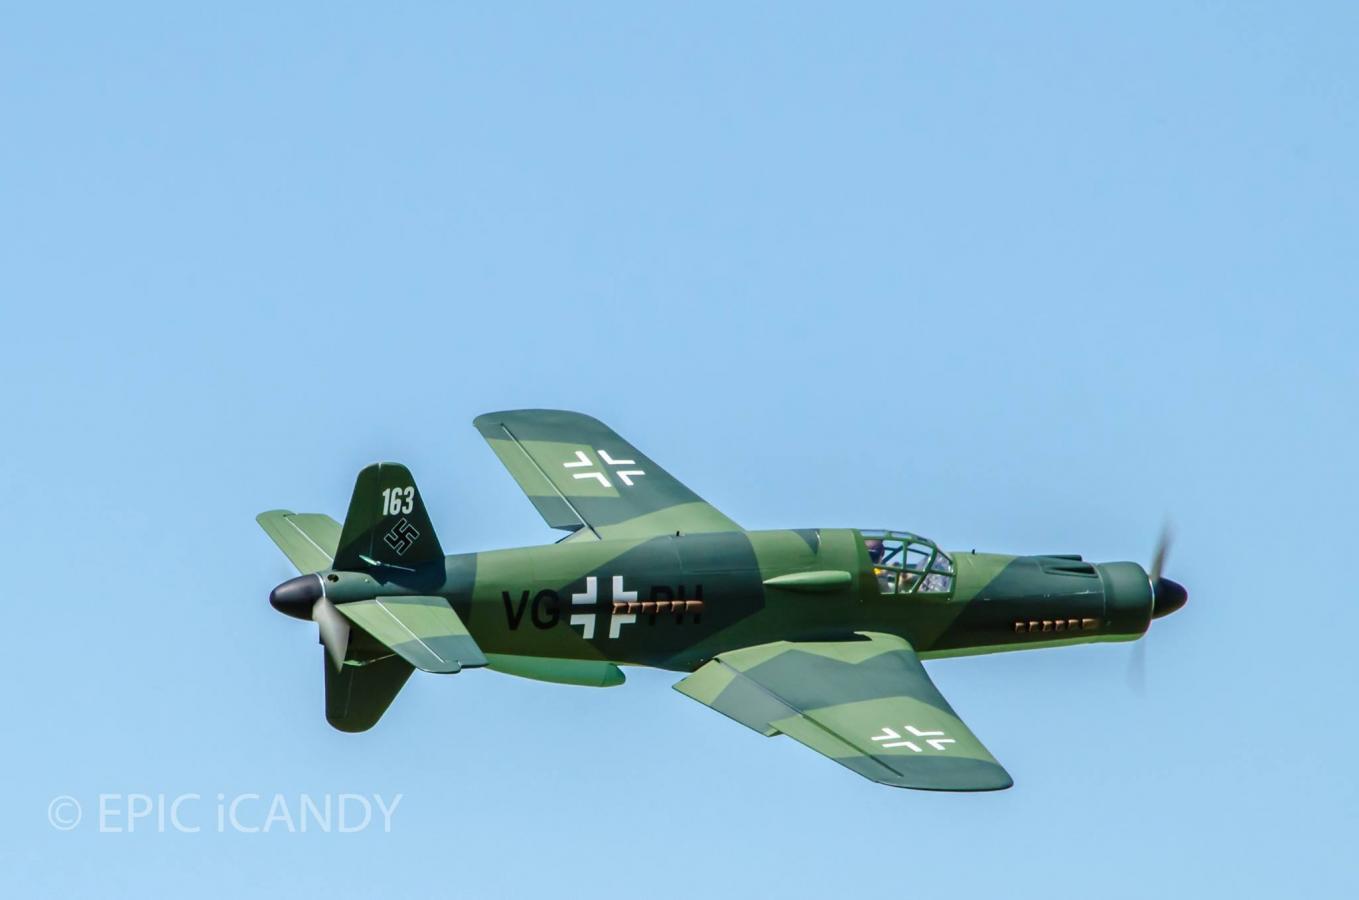 Black Horse Dornier Do-335 - Hobby Squawk - RC Airplane and